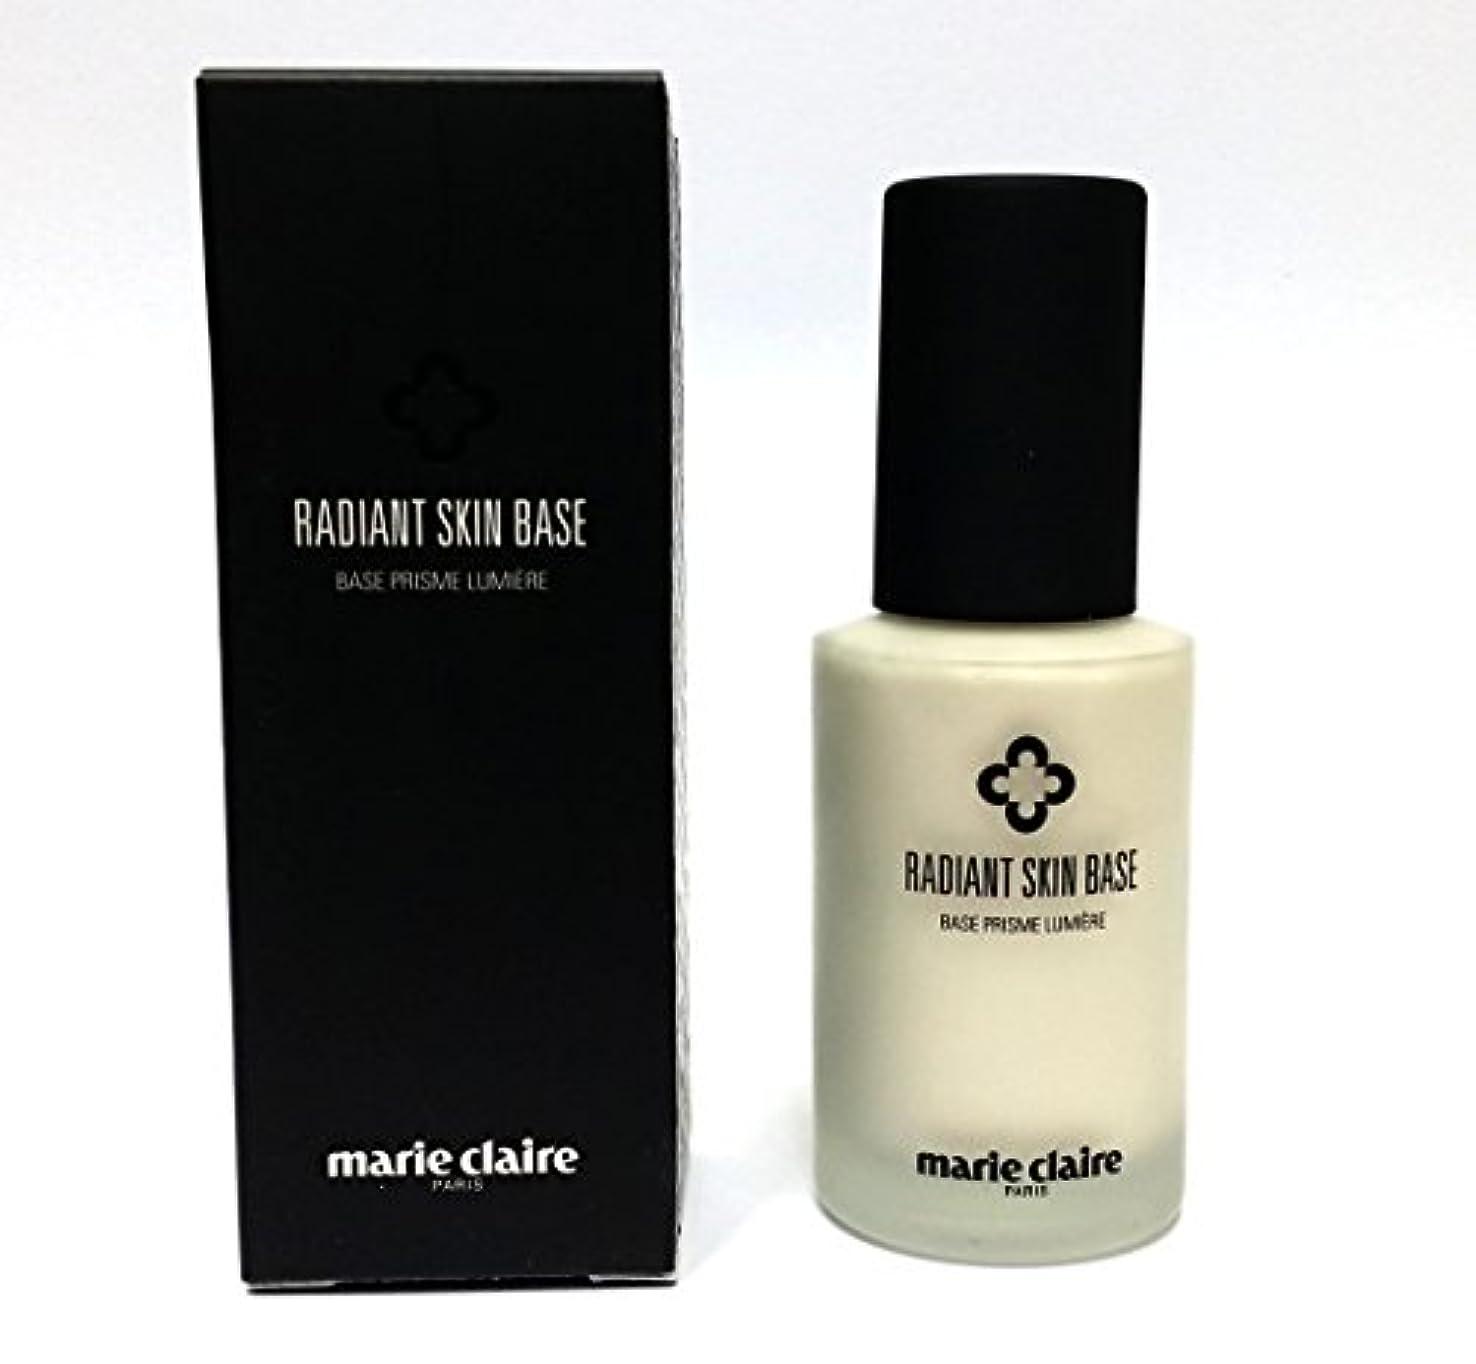 全員聡明ワイプ[Marie Claire] ラディアントスキンベース30ml / Radiant Skin Base 30ml / 皮膚の傷はカバー / skin blemishes cover / ソフト、水分、絹のような / soft,Moisture,silky / 韓国化粧品 / Korean Cosmetics [並行輸入品]